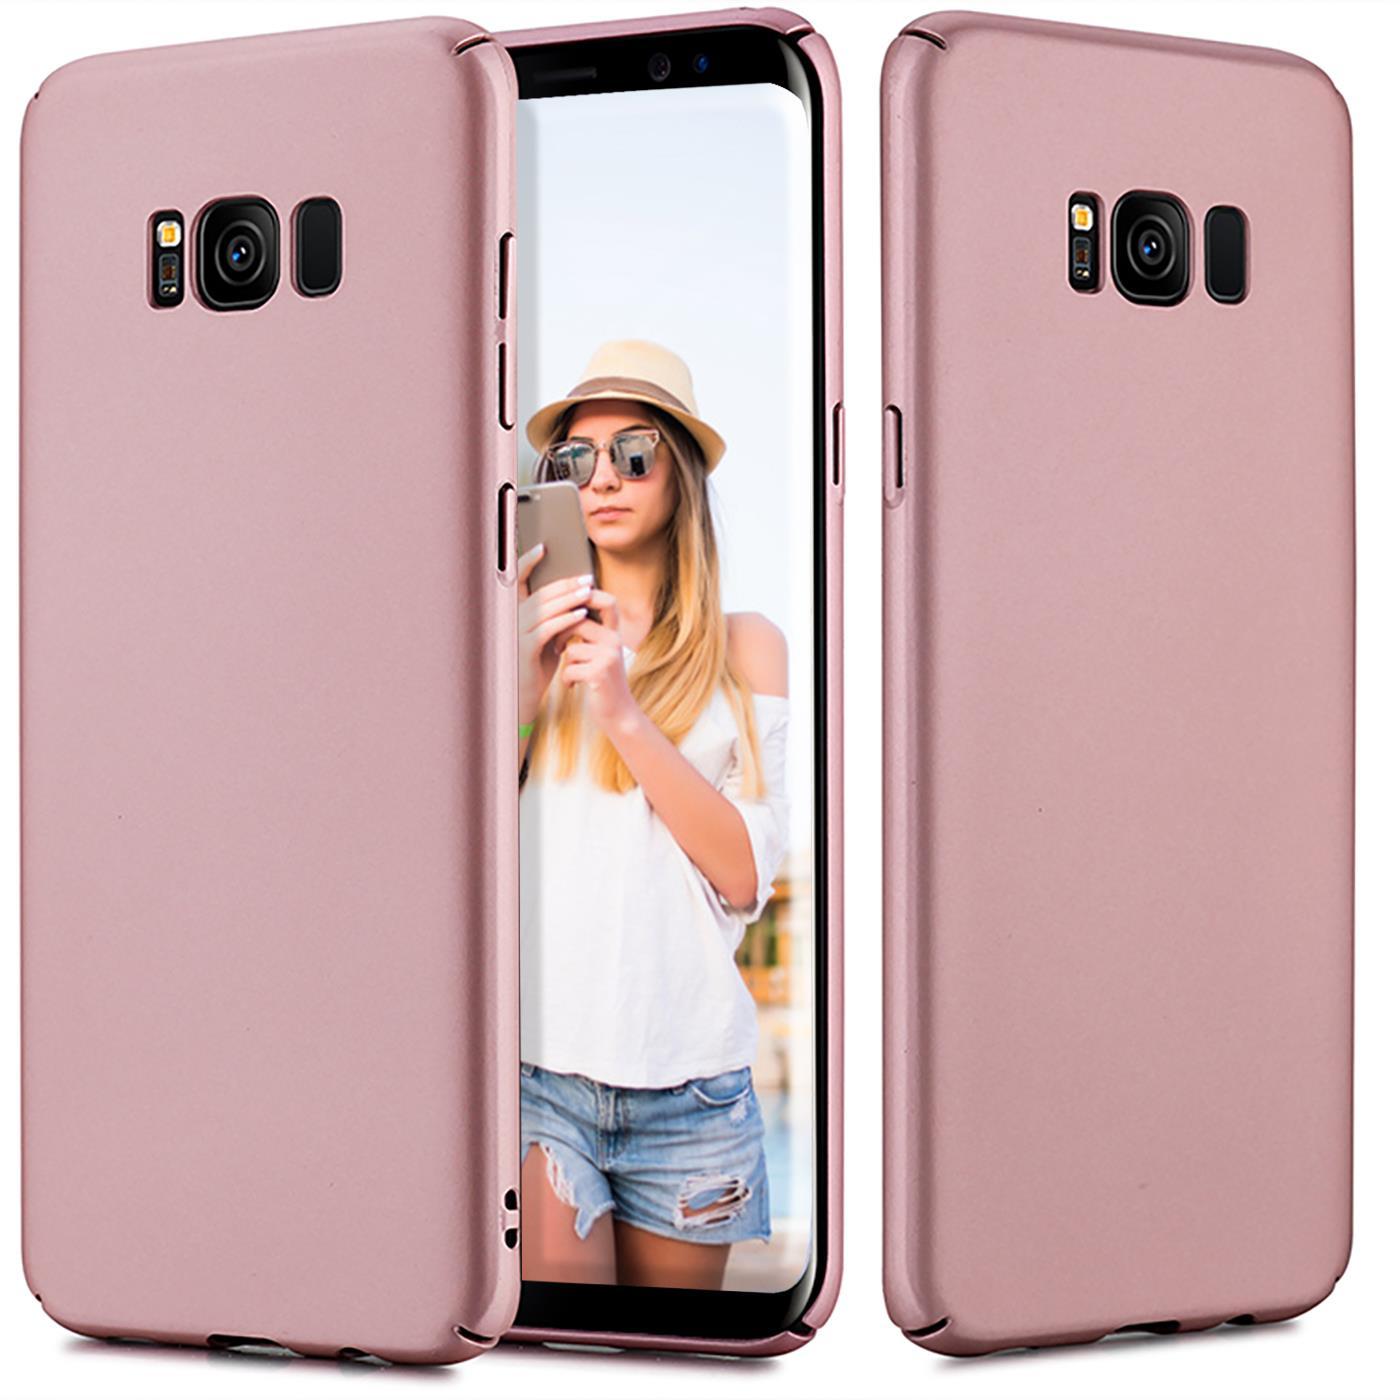 Handy-Case-Samsung-Galaxy-Huelle-Hardcase-Schutz-Cover-Slim-Tasche-Handyhuelle Indexbild 11